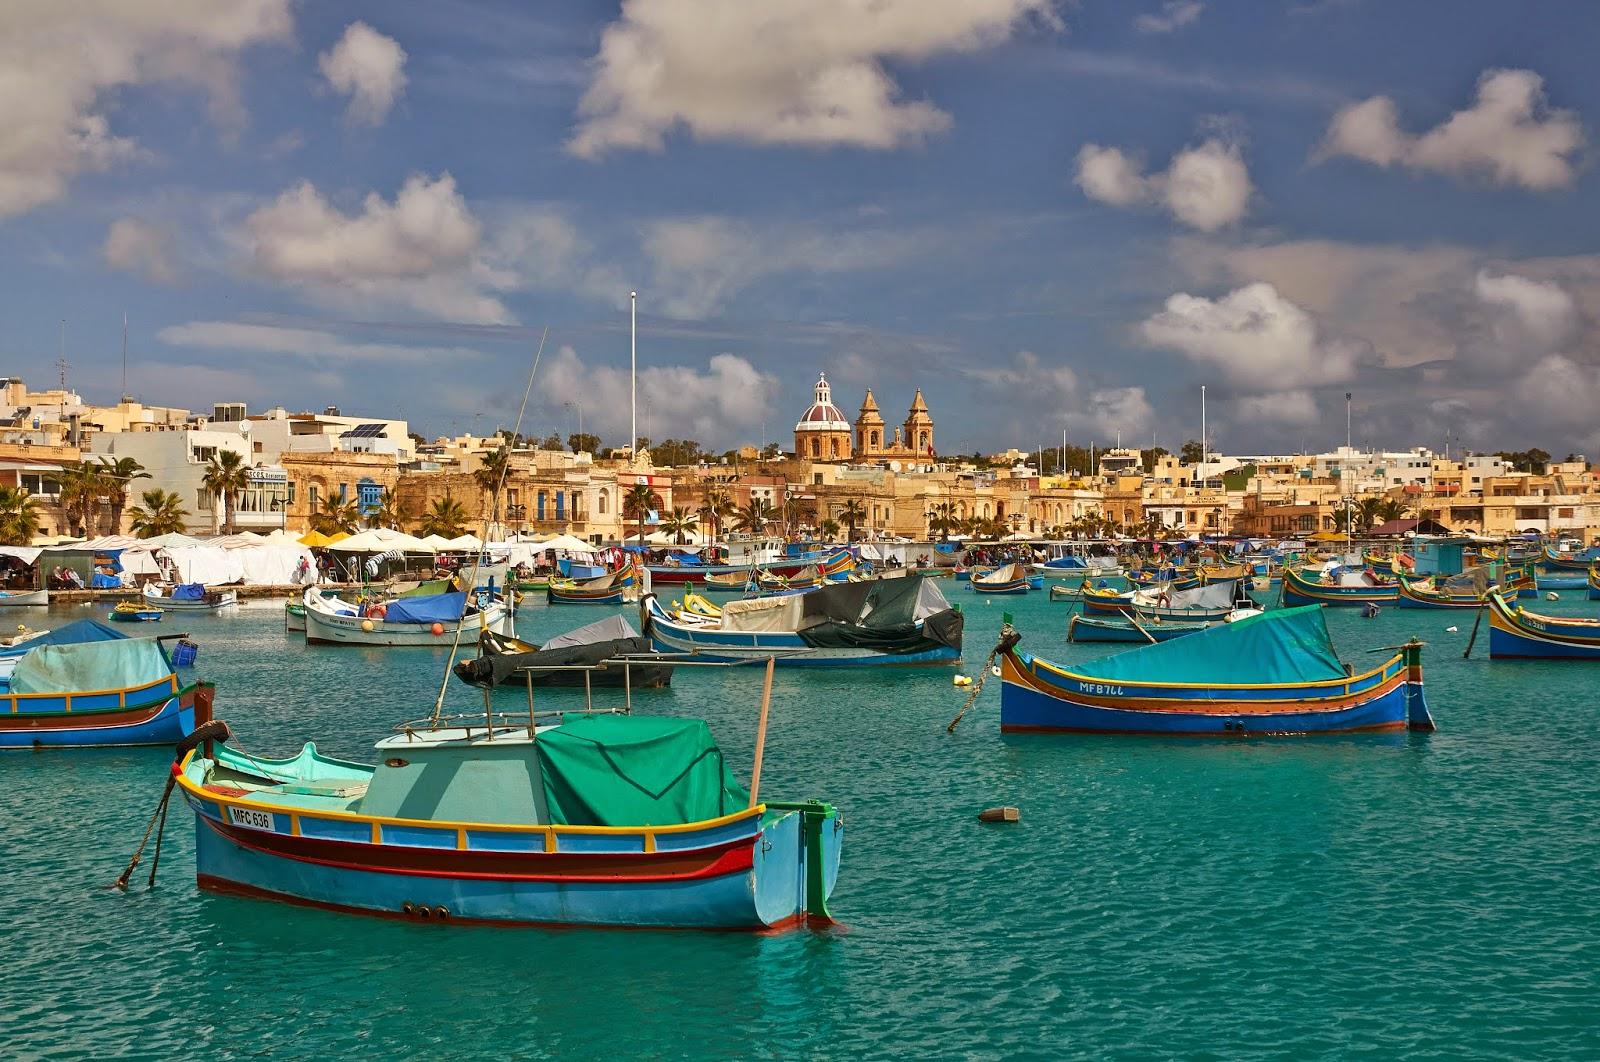 piękne zatoczki na Malcie, turkusowa woda